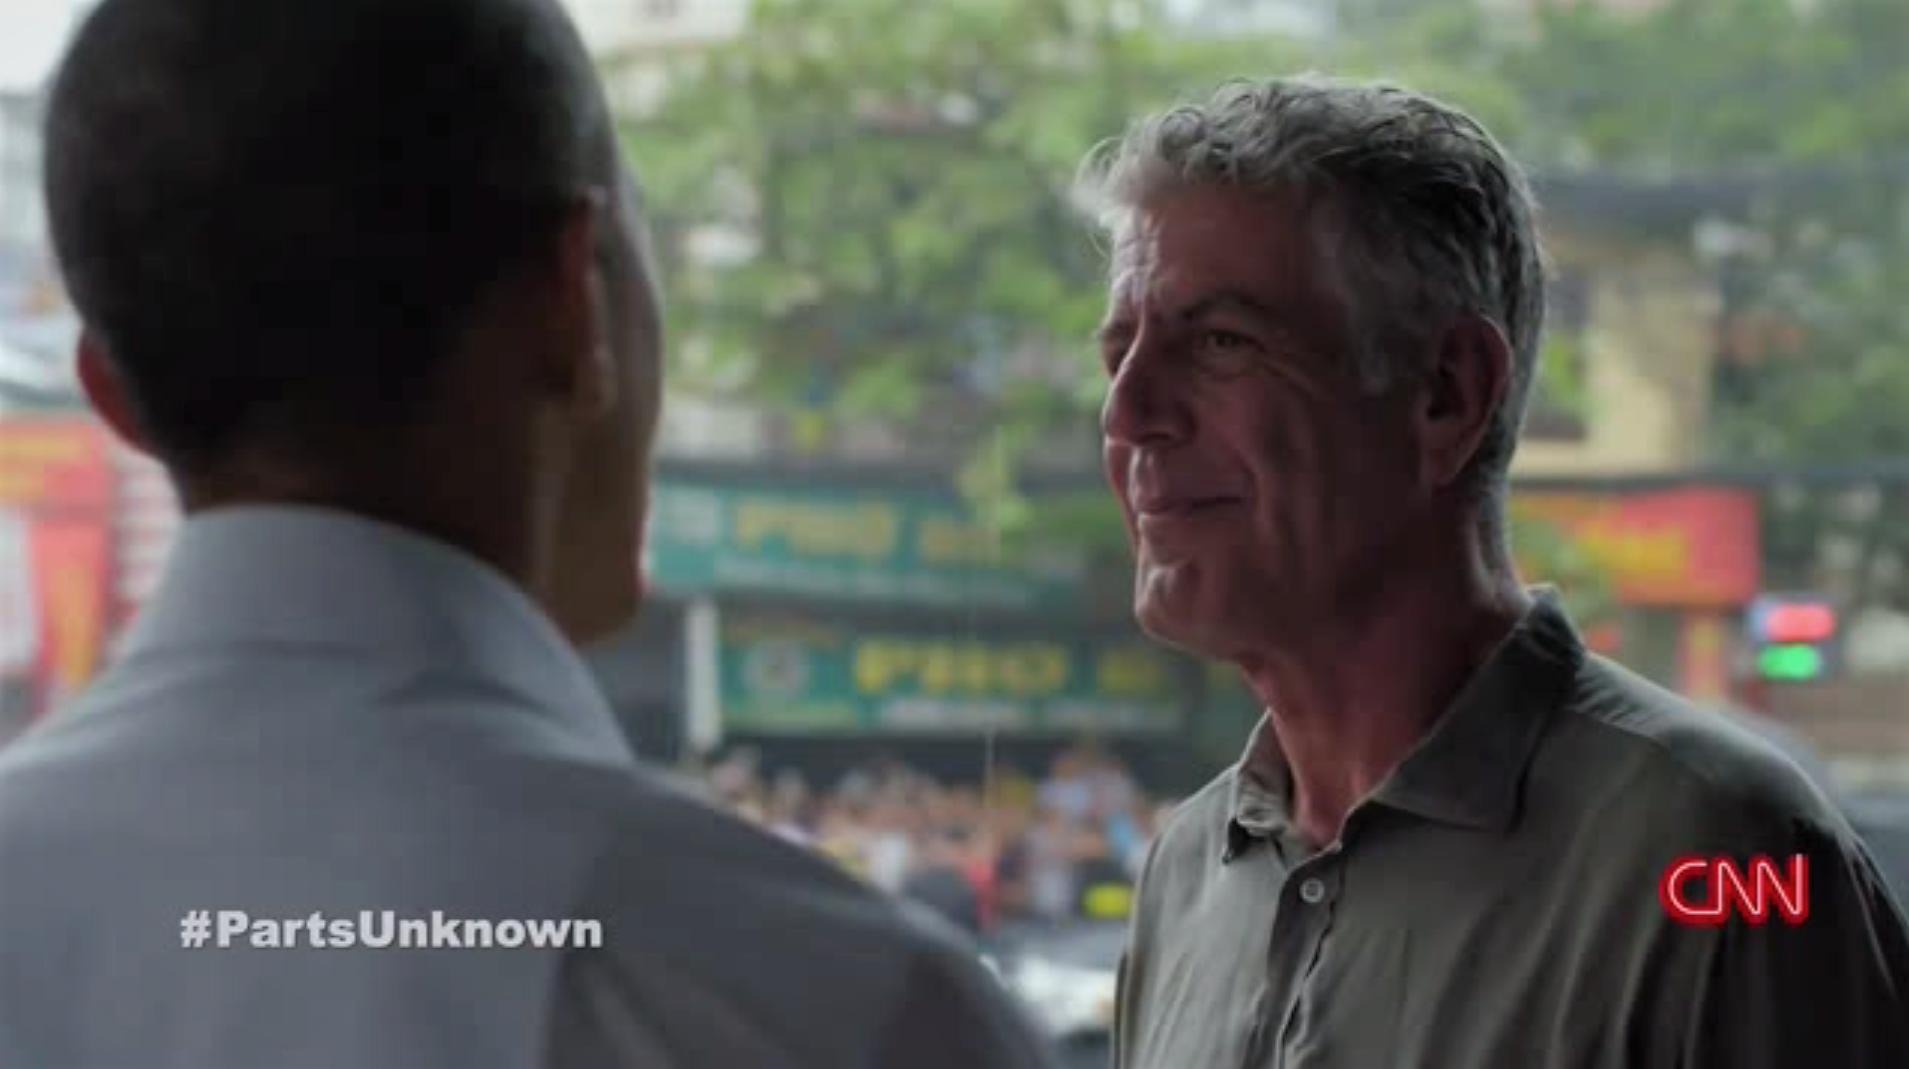 Anthony Bourdain, Parts Unknown, Season 8 Episode 1, Hanoi, Vietnam